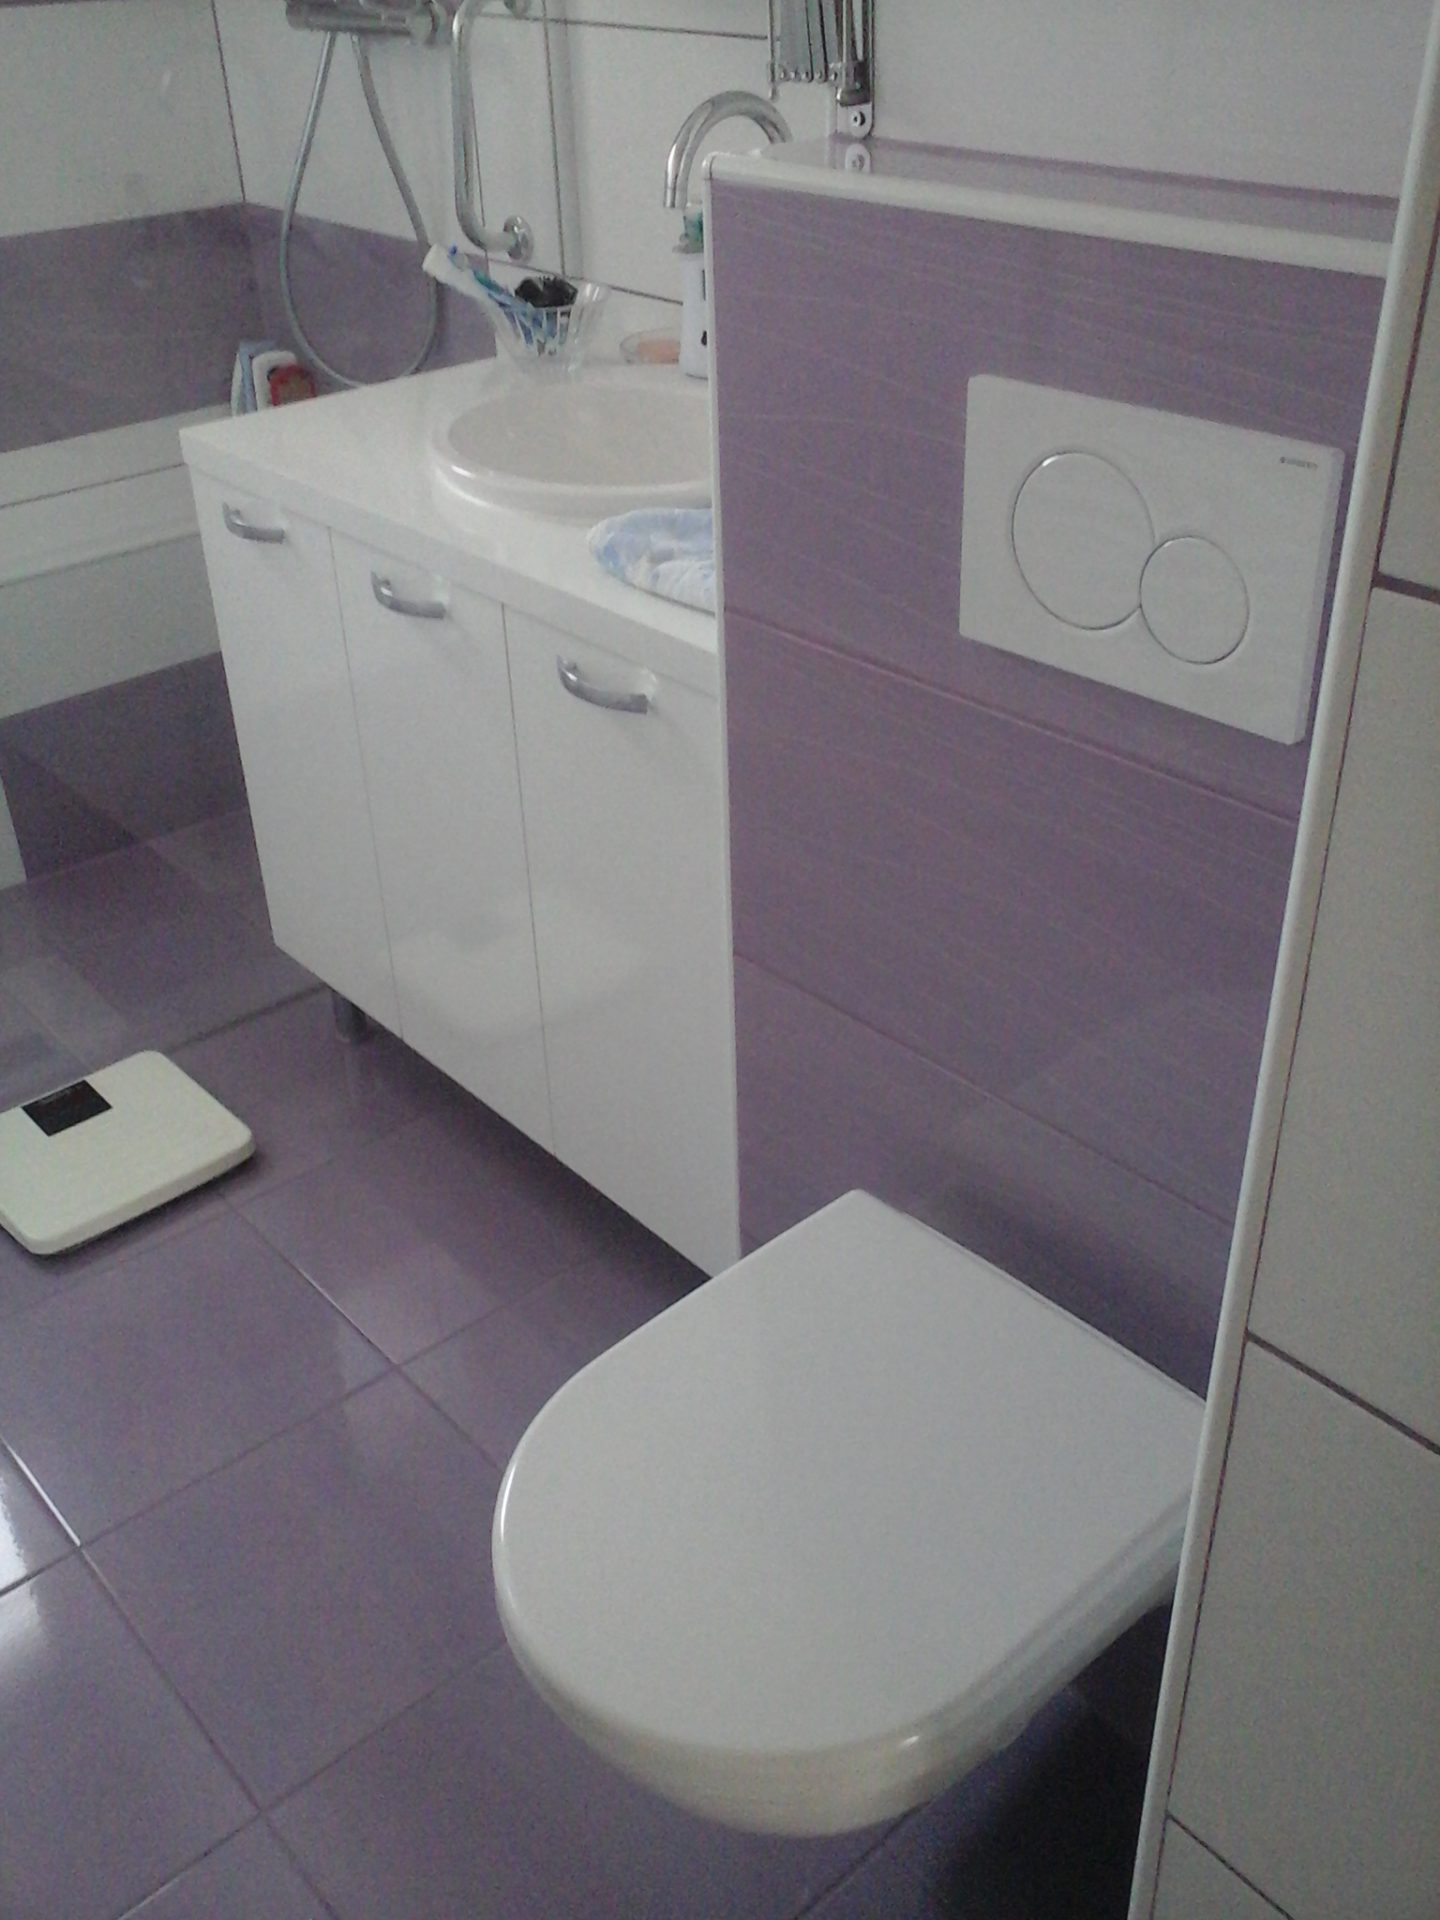 Polaganje ploščic v kopalnici 27